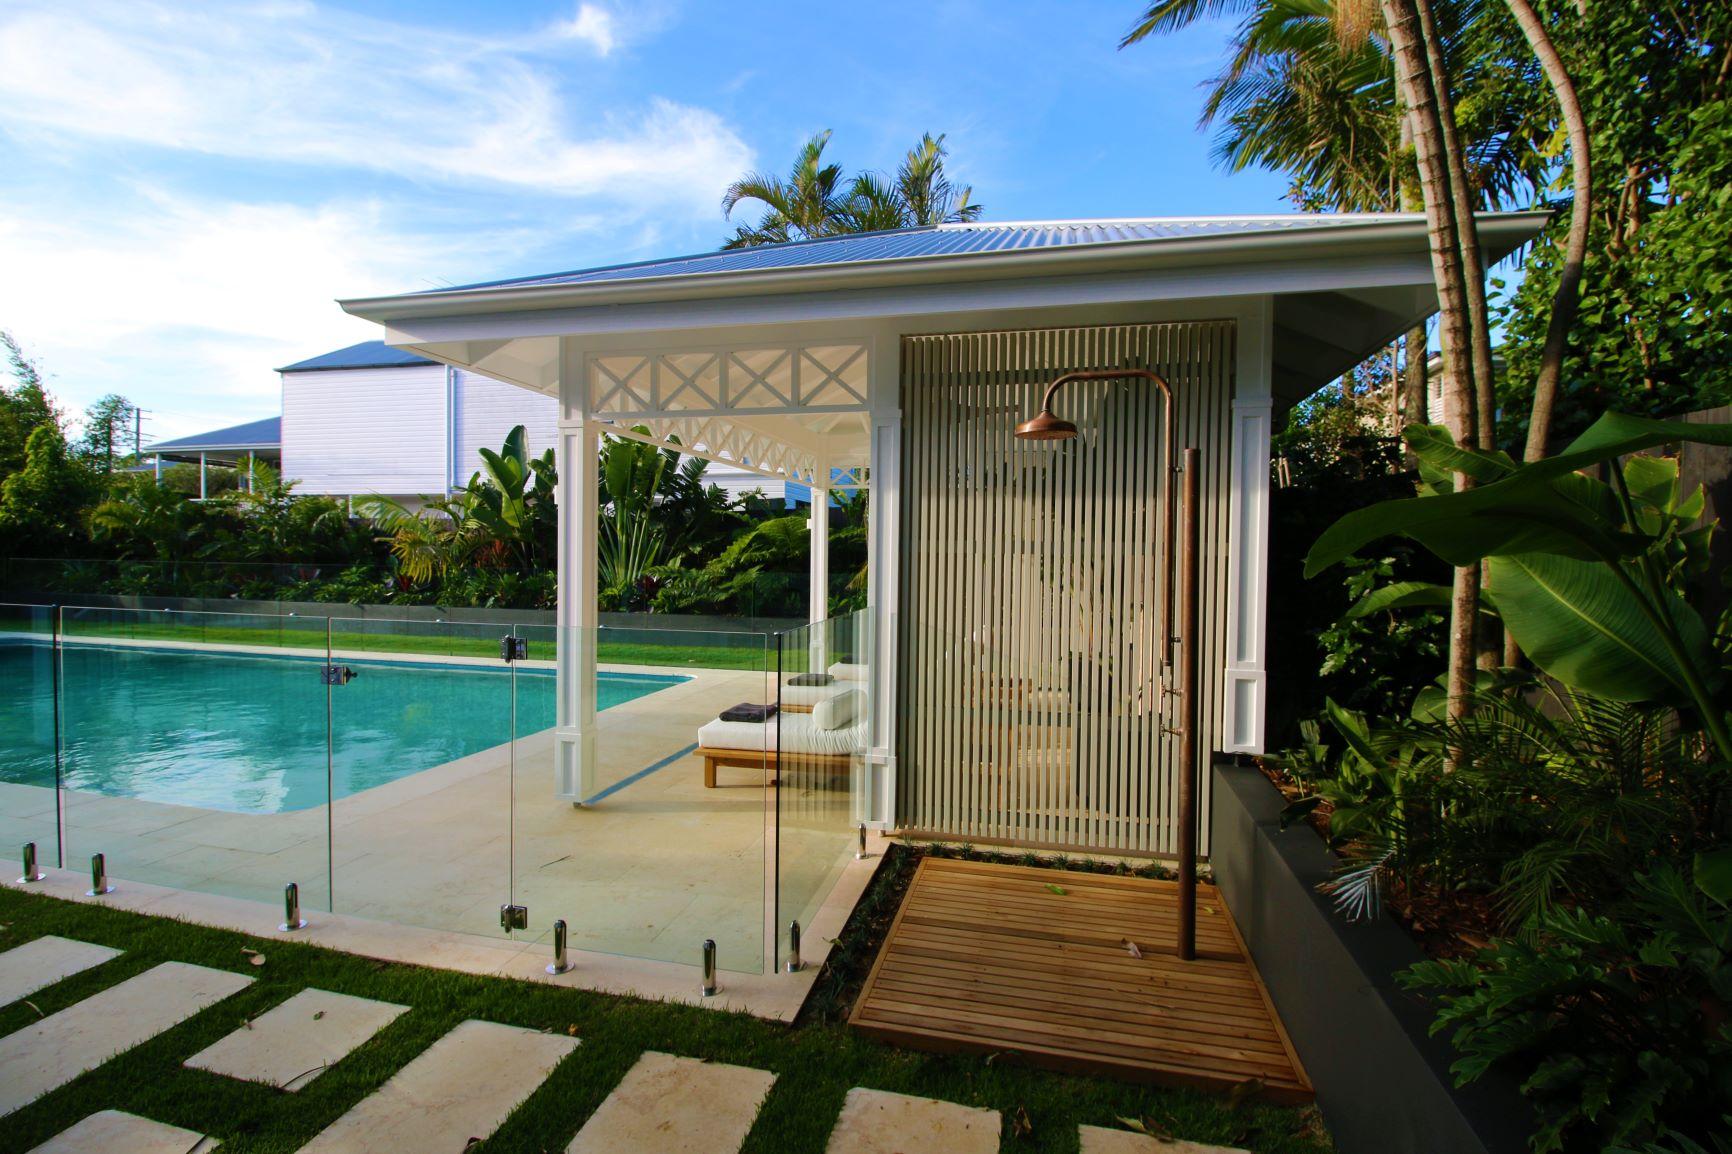 pool house6.jpg